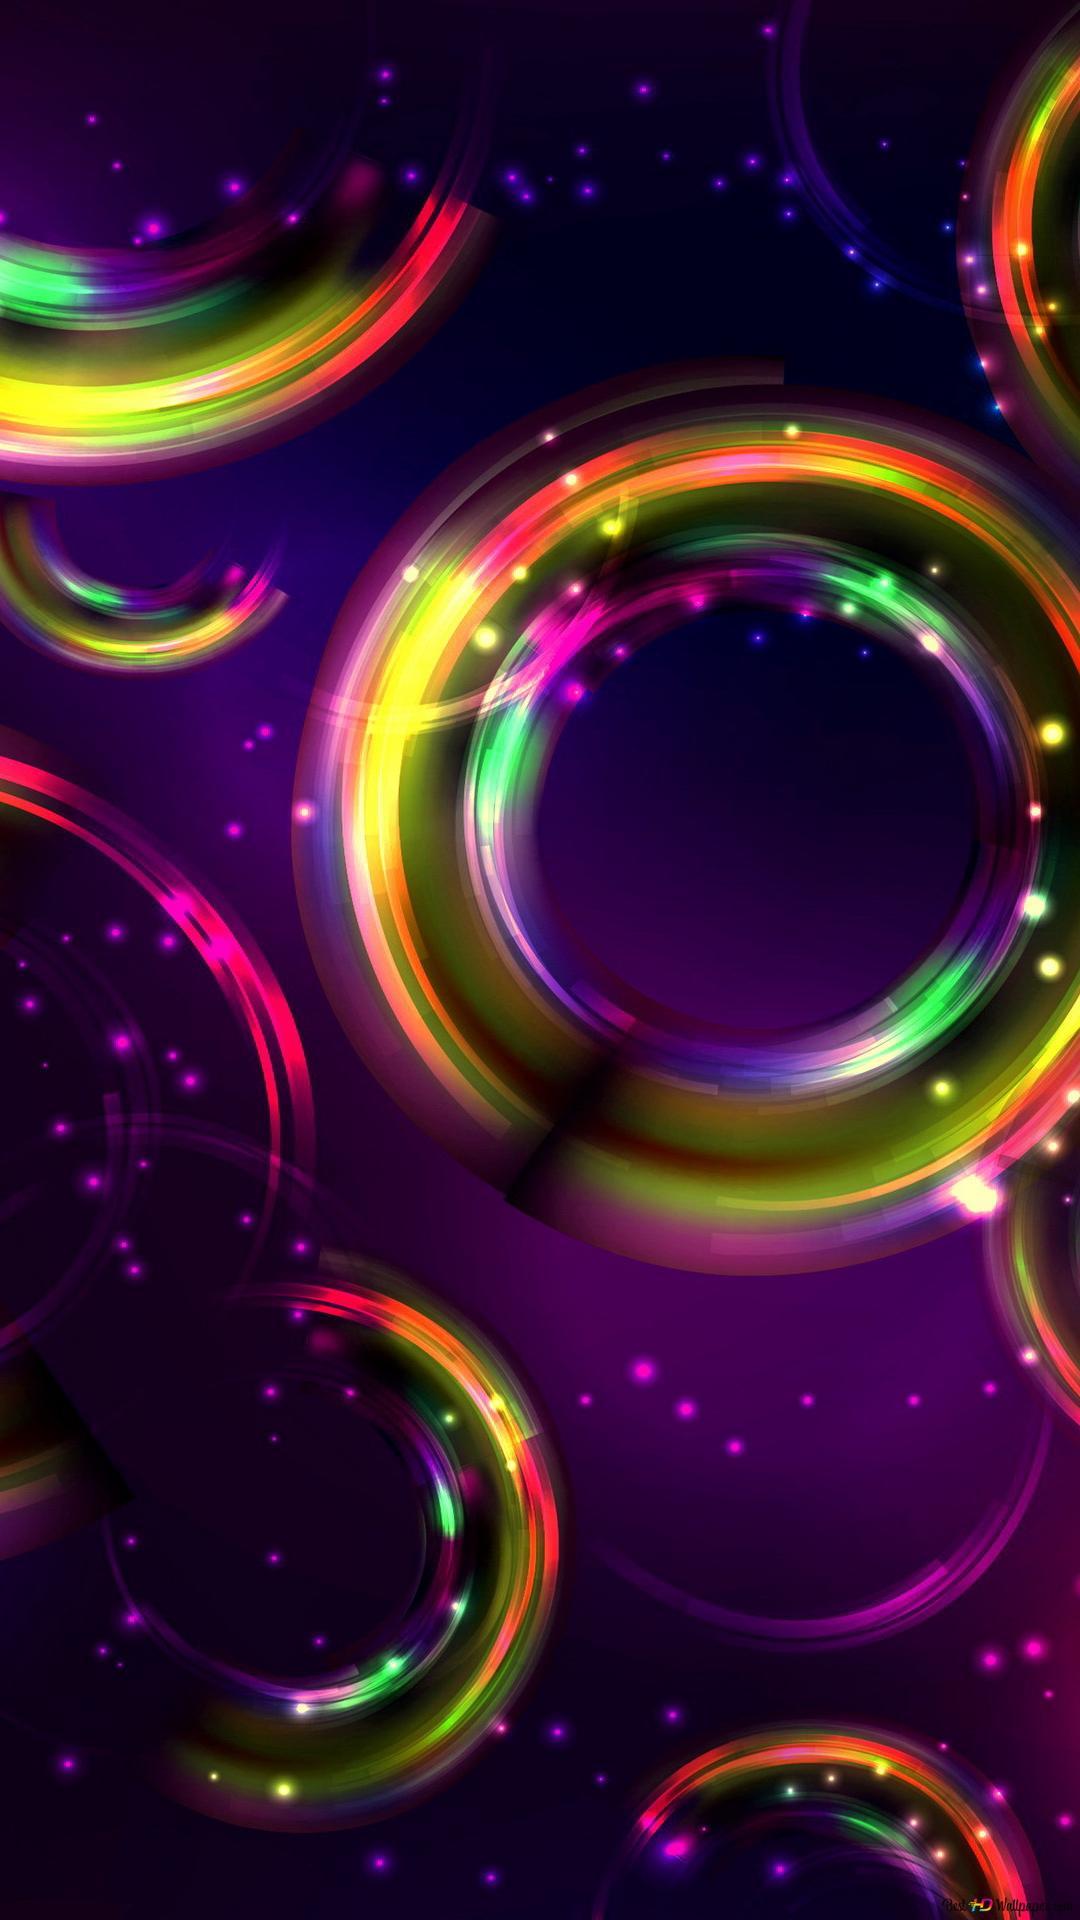 閃閃發光的彩虹泡泡高清壁紙下載